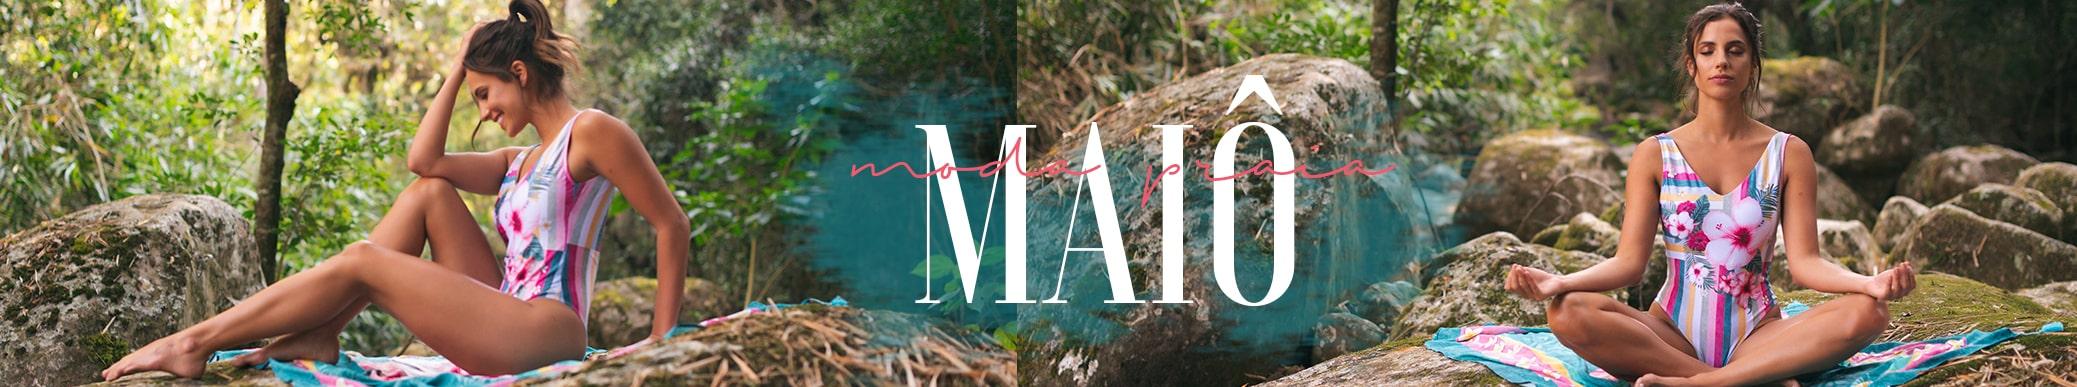 Moda Praia 2020 - Biquínis, Maiôs e muito mais, confira!